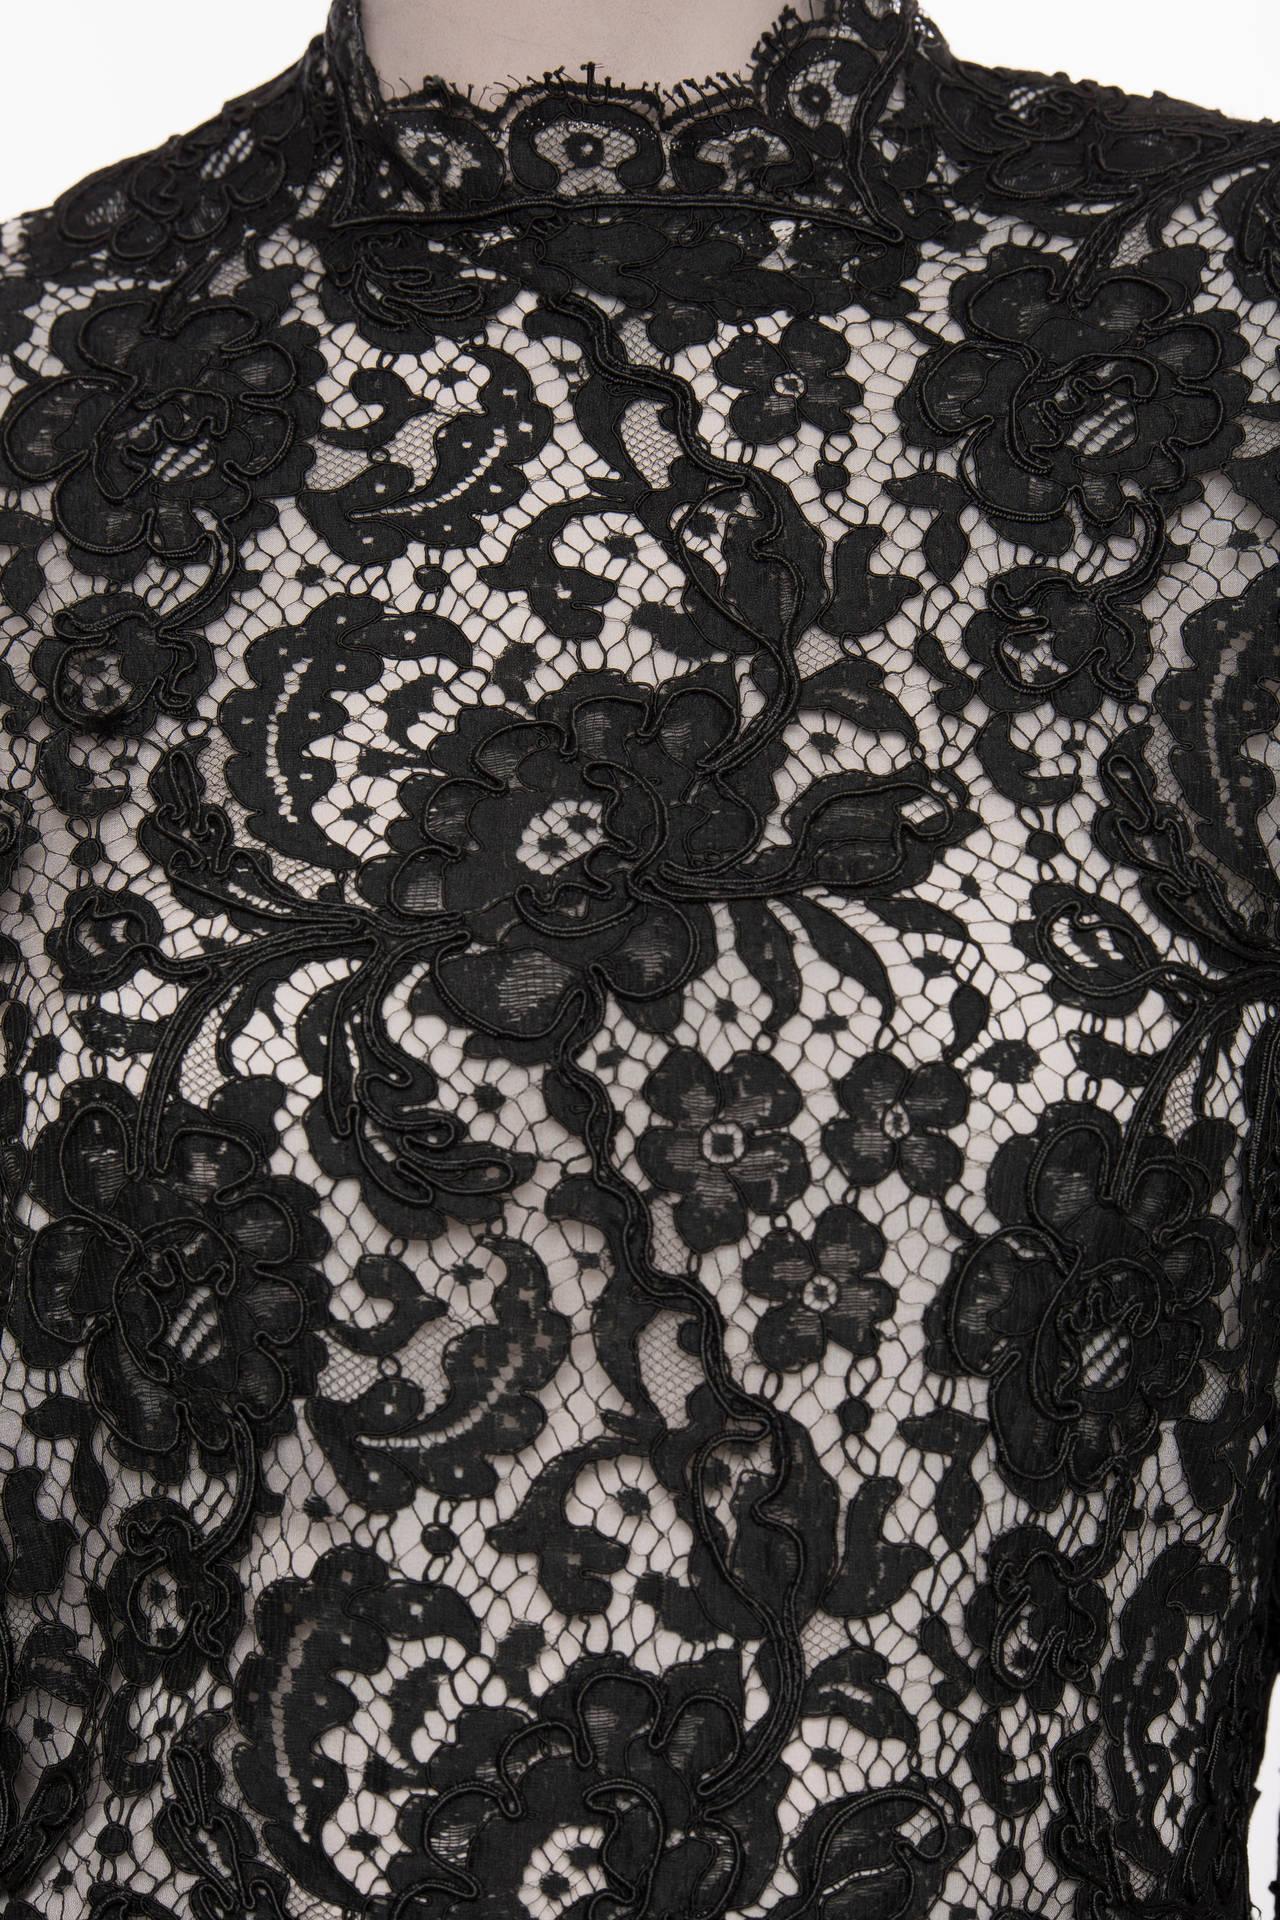 Bill Blass Black Lace Top, Circa: 1970's For Sale 1